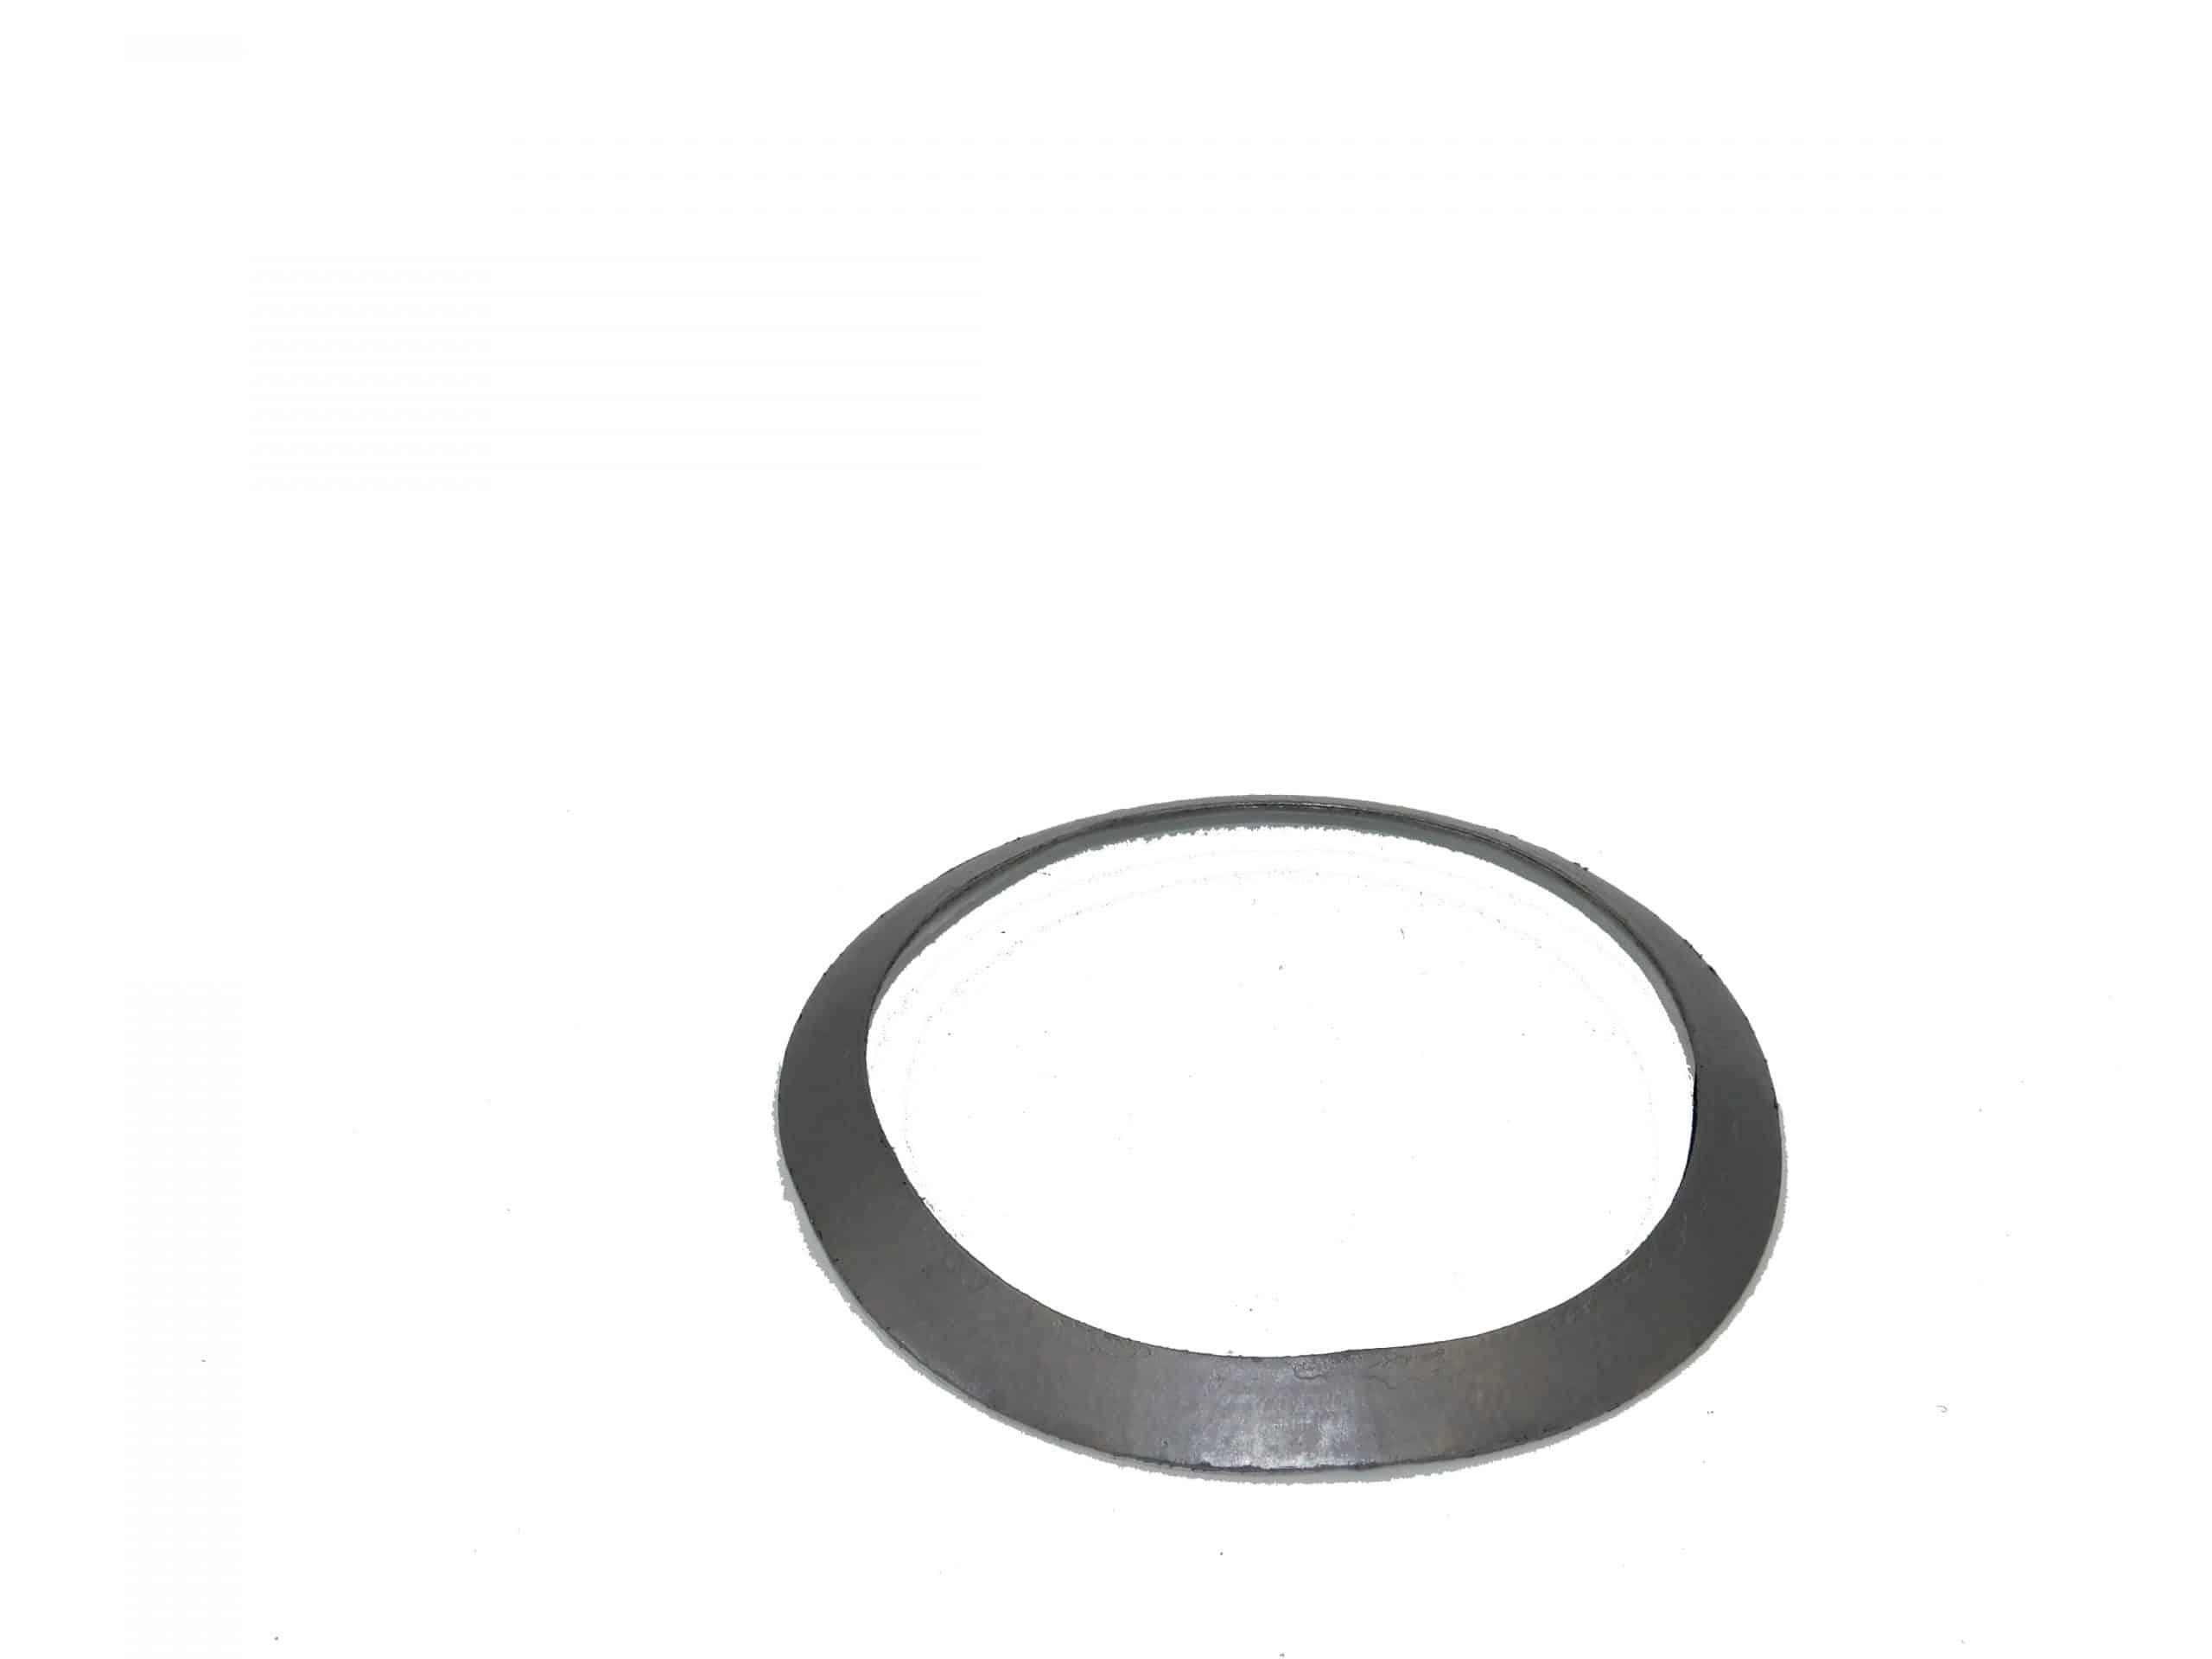 Maremont 519612 Exhaust Gasket